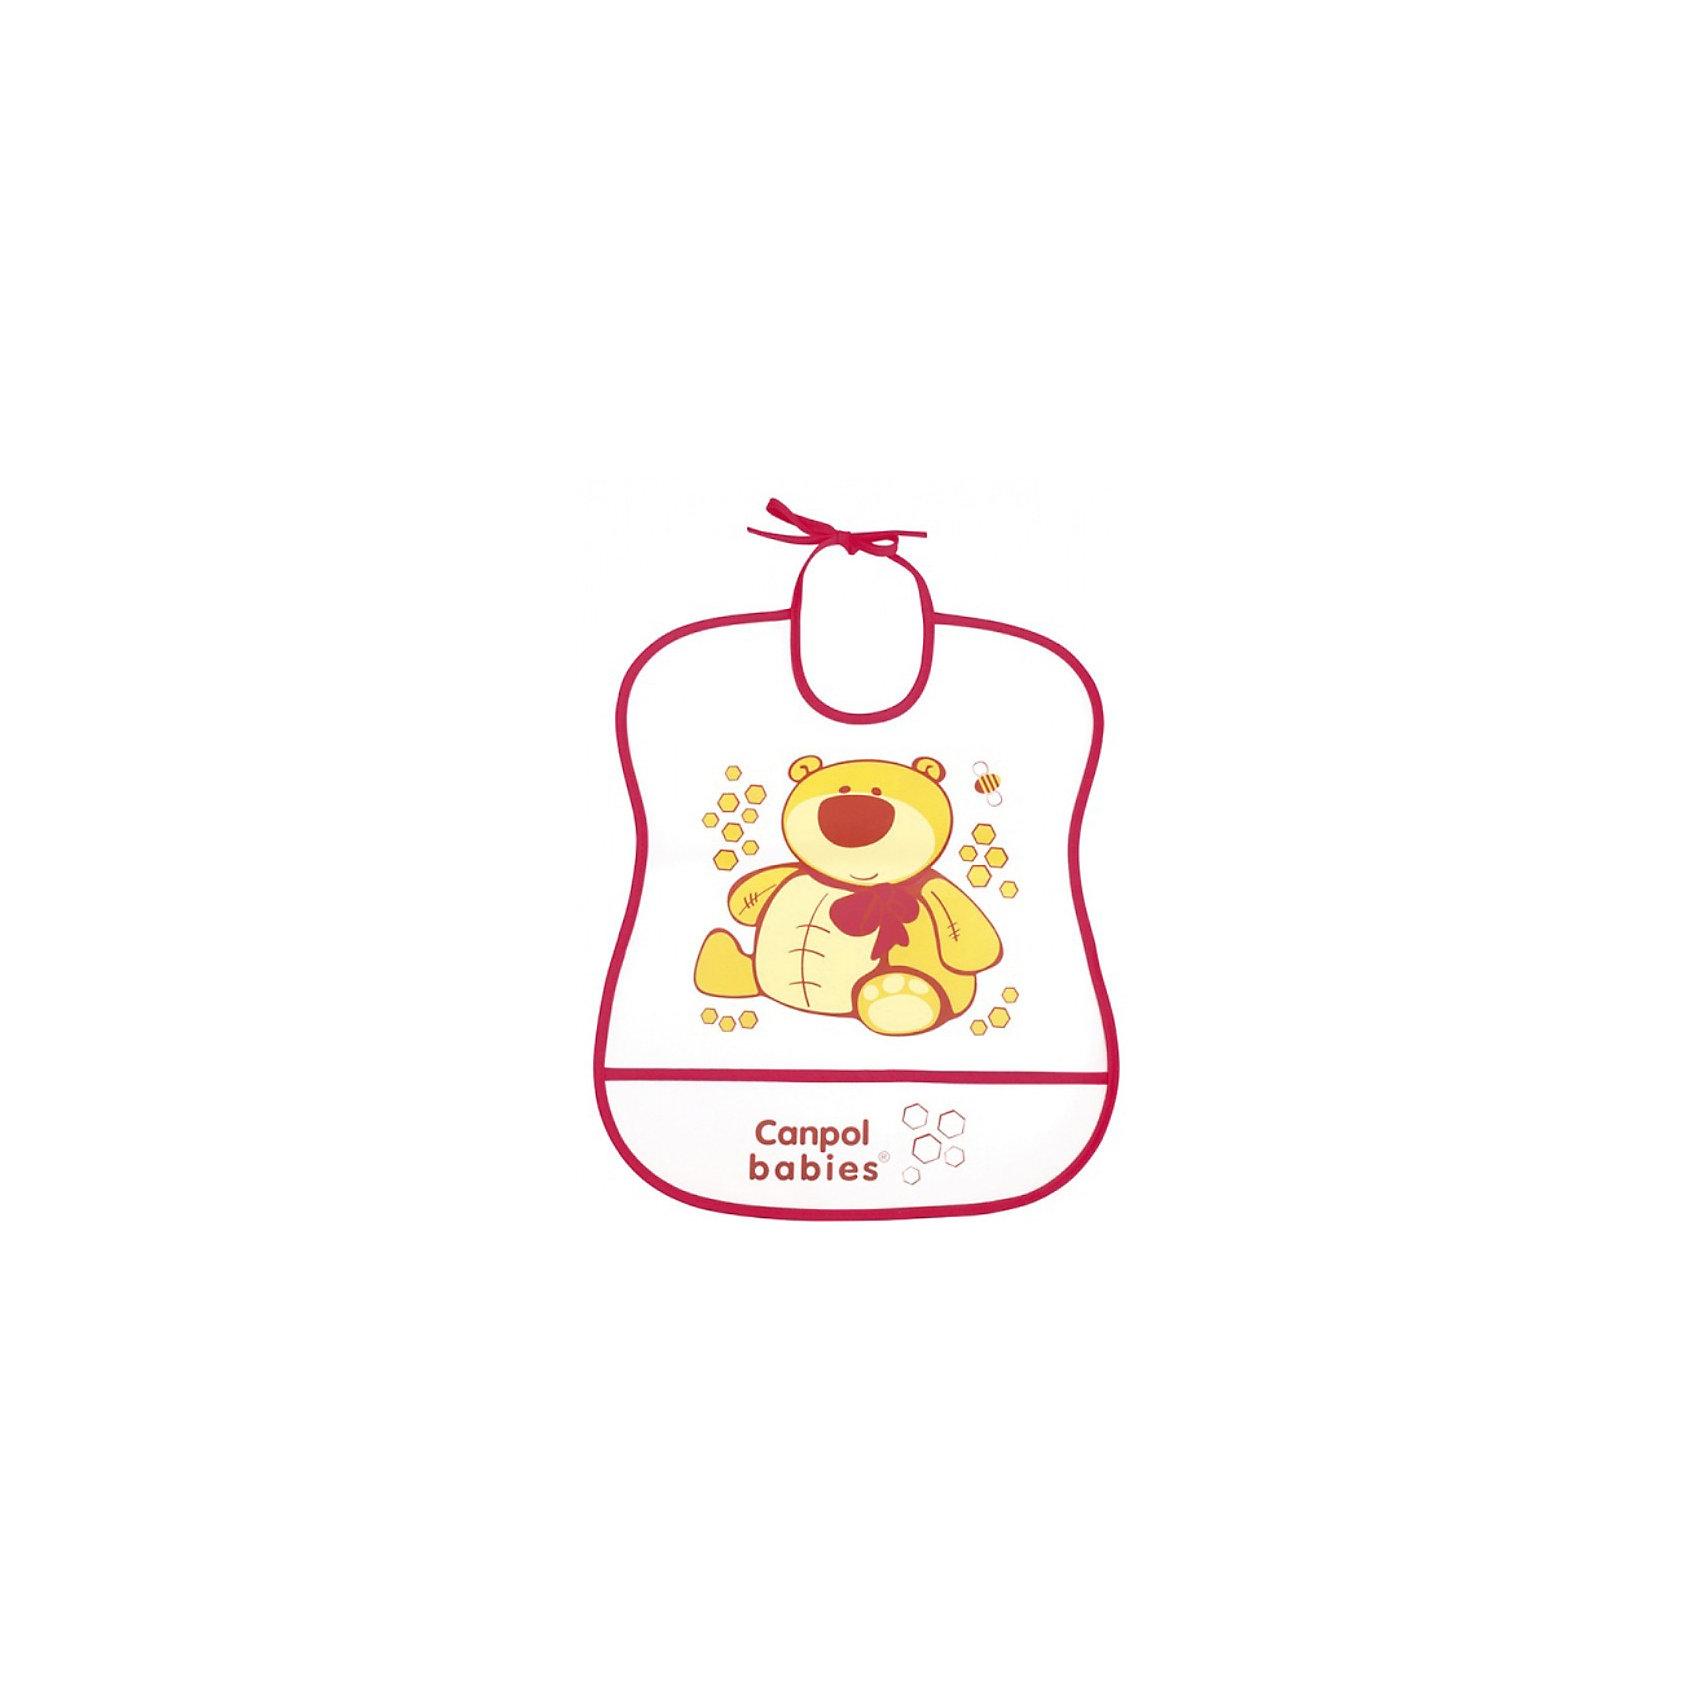 Пластмассовый мягкий нагрудник Медвежонок, Canpol BabiesПластмассовый мягкий нагрудник от Canpol  Babies поможет защитить одежду ребенка во время кормления. Имеется карман, в который будут попадать упавшие кусочки пищи. Нагрудник легко моется горячей водой с мылом. <br>Дополнительная информация:<br>- Материал: ПЭВА пленка.<br>- Размер упаковки: 35,5 х 20 х 0,3 см.<br>- Вес: 31,7 гр.<br>Пластмассовый мягкий нагрудник, Canpol Babies можно купить в нашем интернет-магазине.<br><br>Ширина мм: 355<br>Глубина мм: 200<br>Высота мм: 3<br>Вес г: 32<br>Возраст от месяцев: 0<br>Возраст до месяцев: 36<br>Пол: Унисекс<br>Возраст: Детский<br>SKU: 3893860